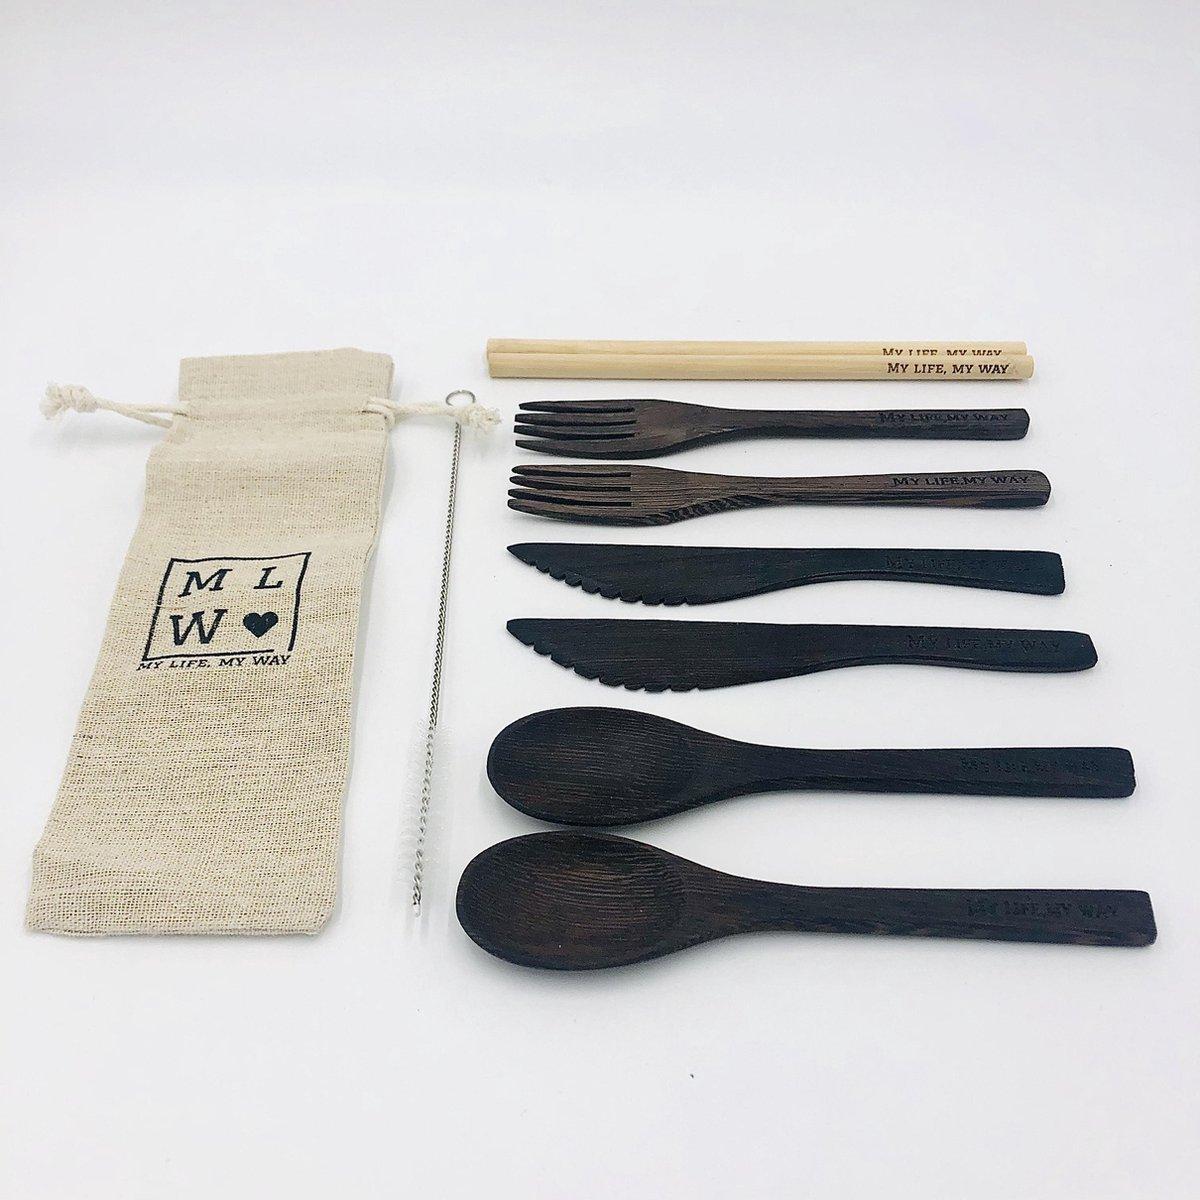 MLMW - Duurzame Bestekset ACACIA - 10 delig - Acacia Houten lepel, vork en mes - Bamboe Rietjes met schoonmaakborstel - Handgemaakt - Uniek - Duurzaam - 100% Natuurlijk - Inclusief linnen zakje - Donkerbruin